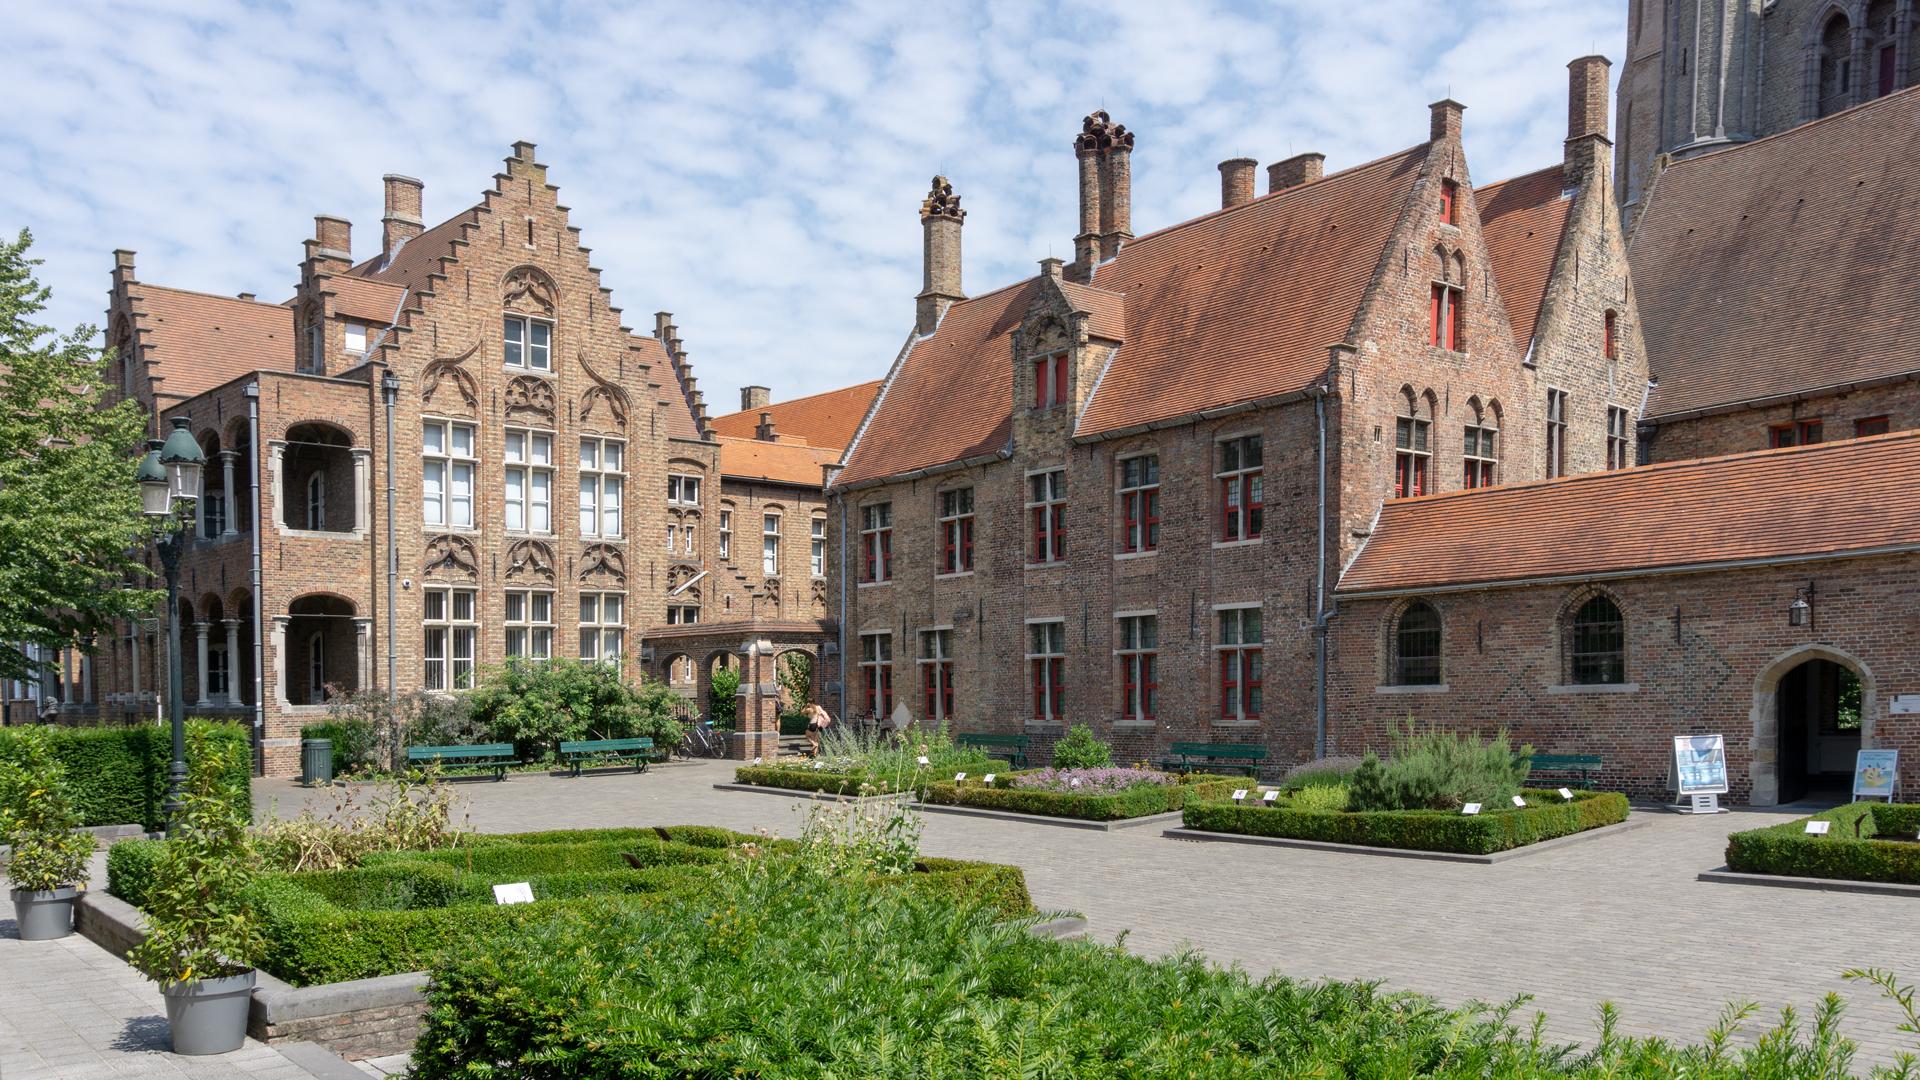 Reisefotografie - Belgien - Brügge